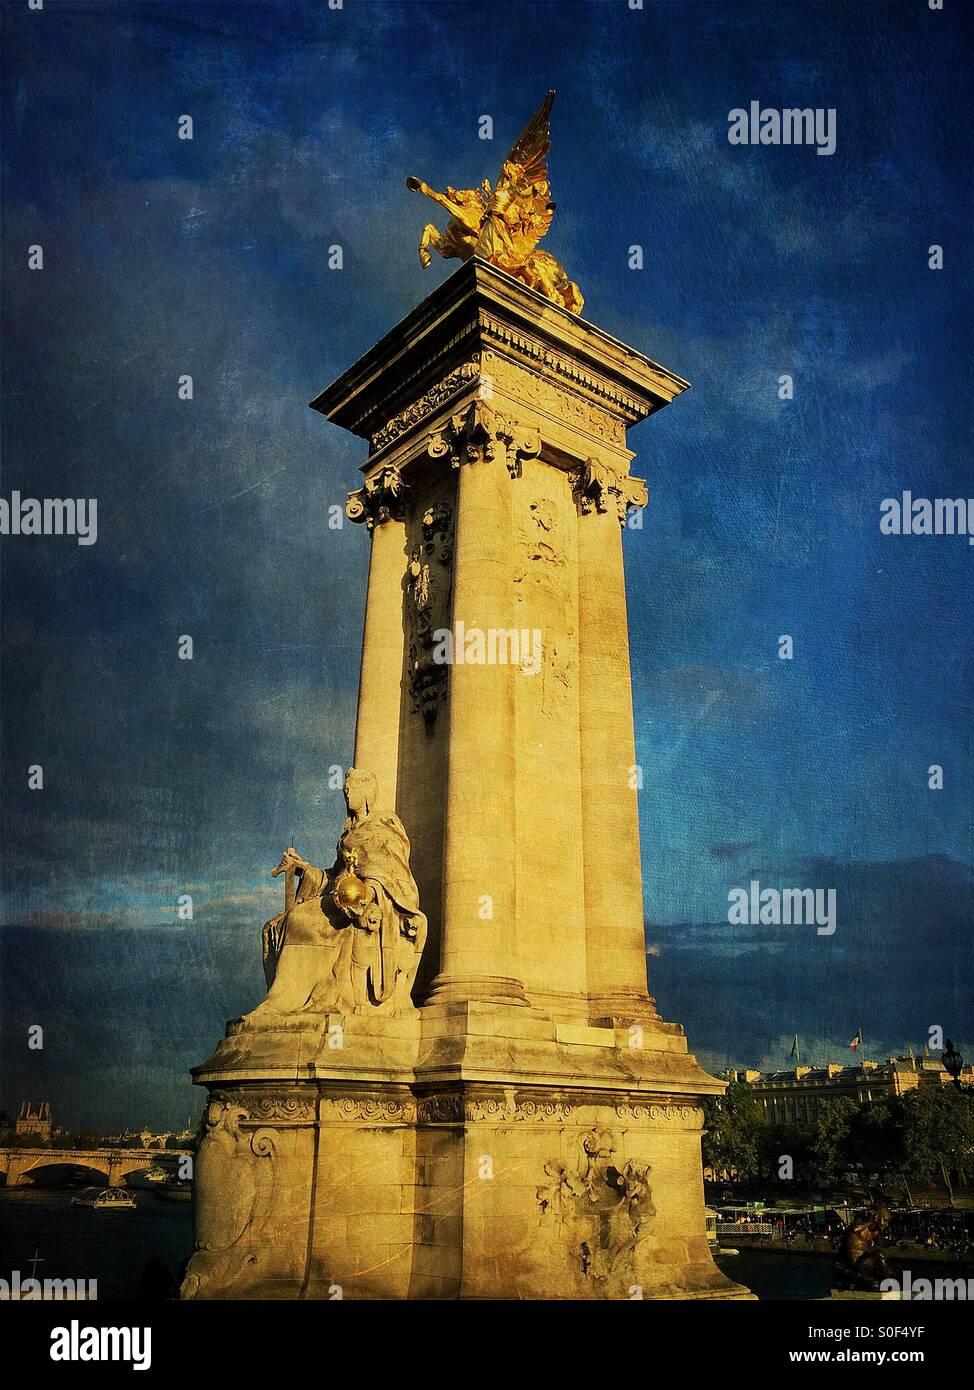 Le gilt-bronze statue de la renommée d'un Pegasus retenue veille sur le Pont Alexandre III pont, pris en charge sur les soubassements ou maçonnerie massive. Paris, France. Monument historique français. Superposition de texture vintage. Banque D'Images